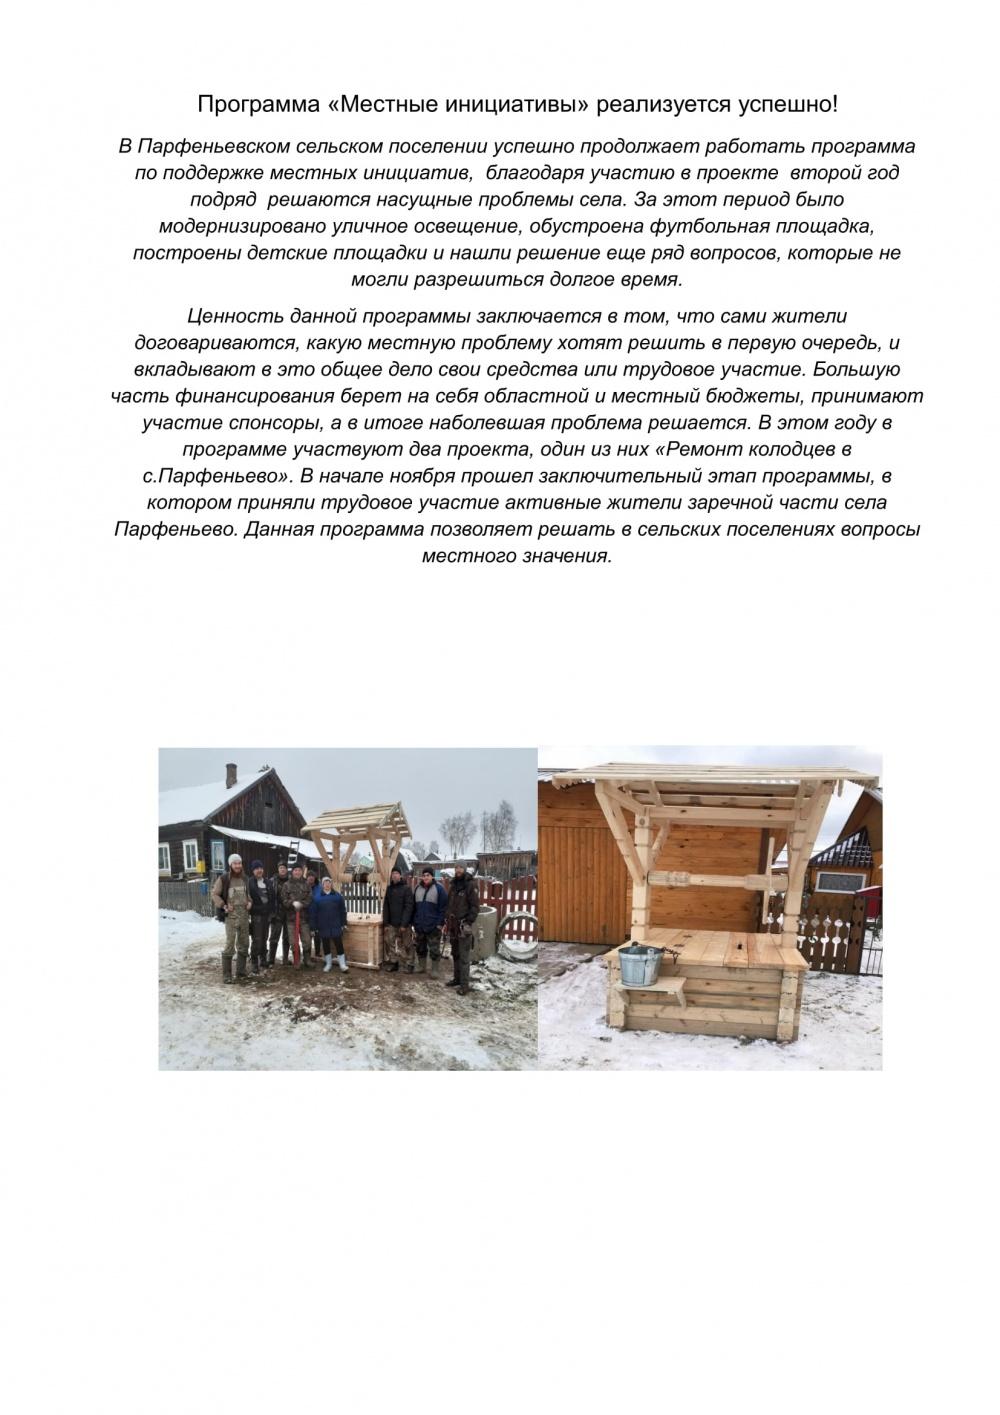 """Программа """"Местные инициативы"""" реализуется"""